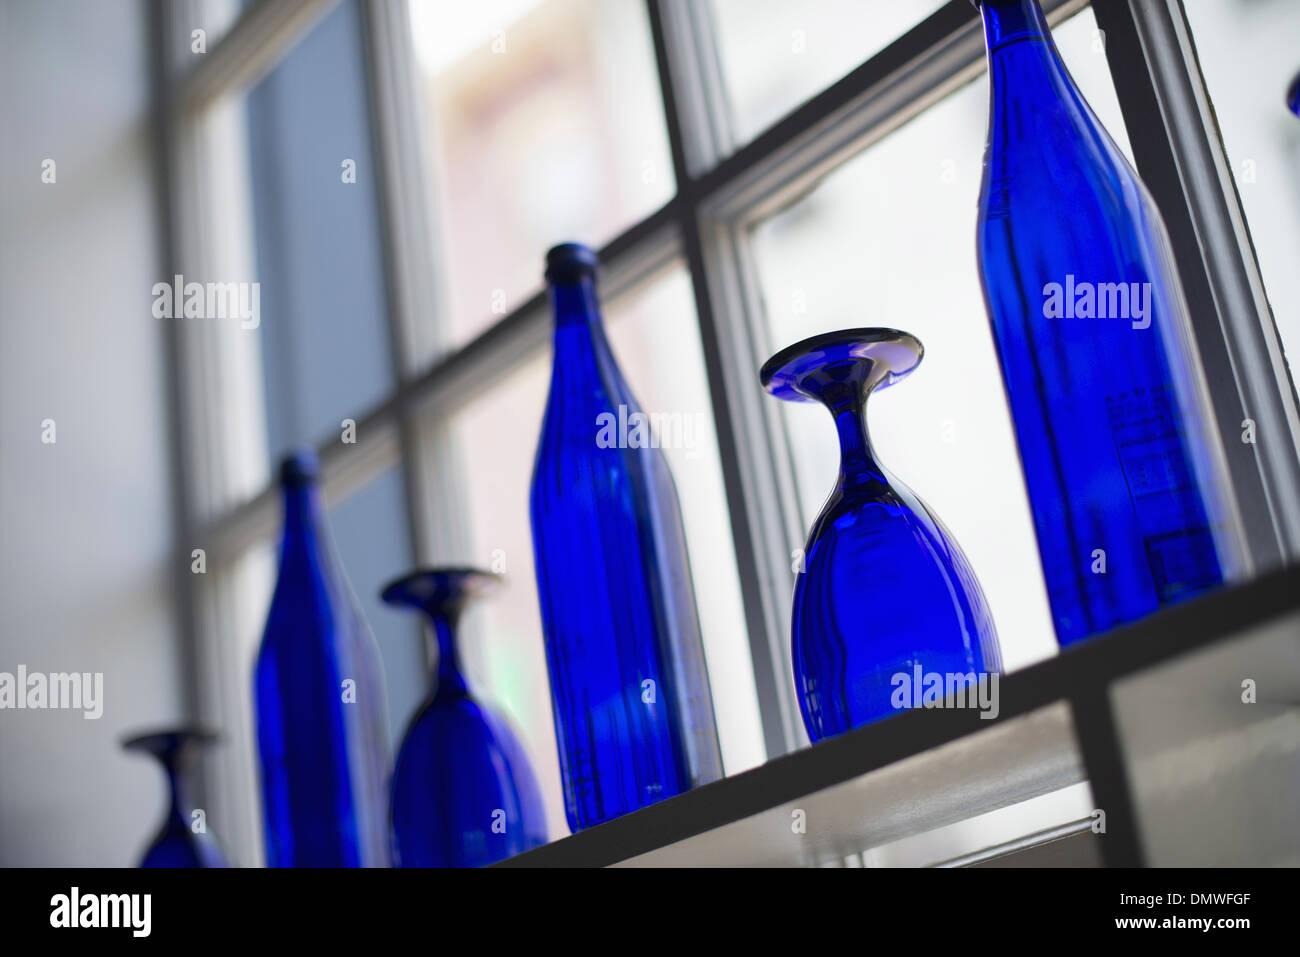 Un bar interno. Blu brillante vetreria su tabelle vuote. Immagini Stock